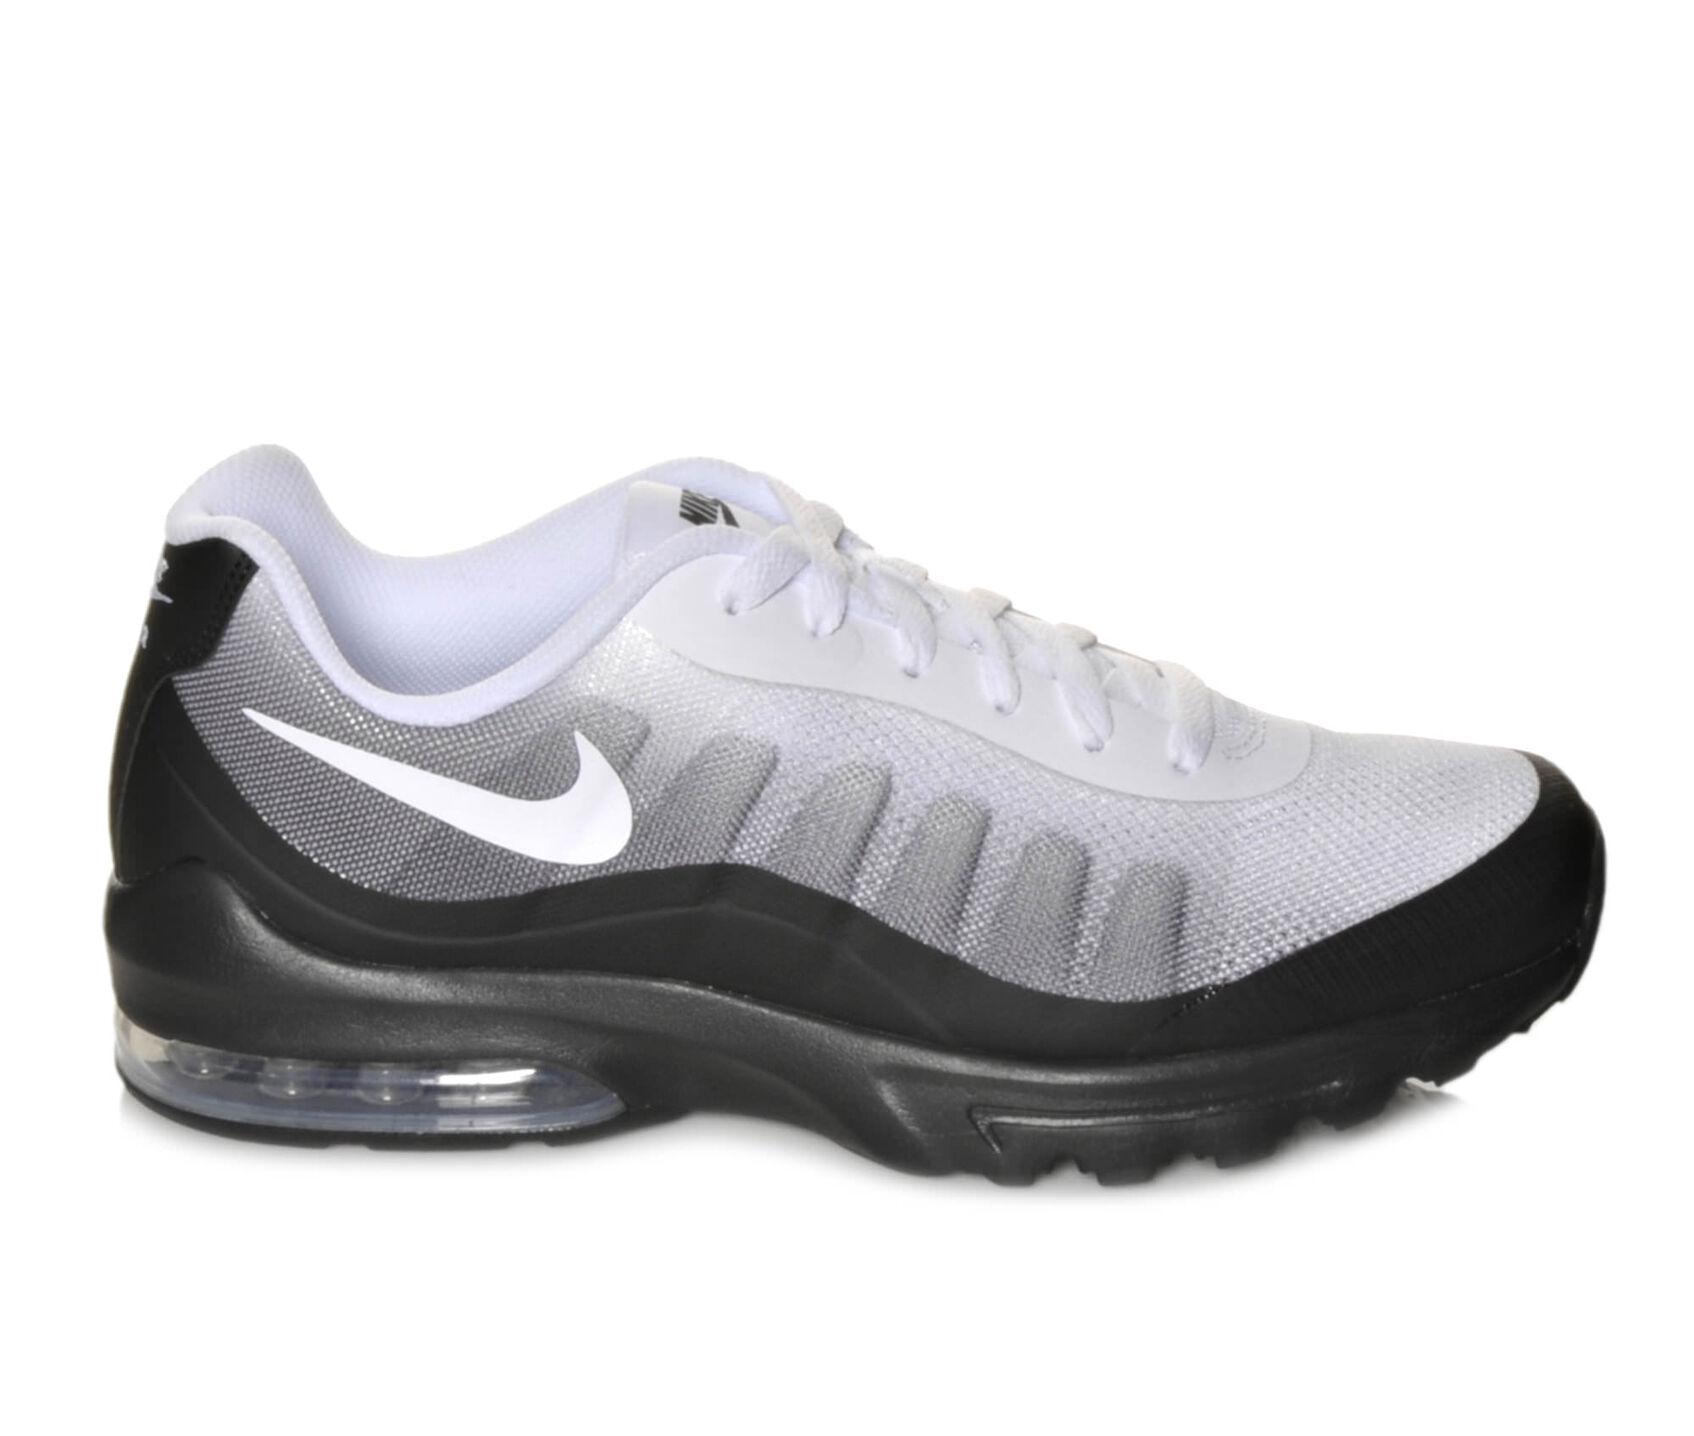 reputable site 1b12f 5716c Images. Men  39 s Nike Air Max Invigor Print Athletic Sneakers